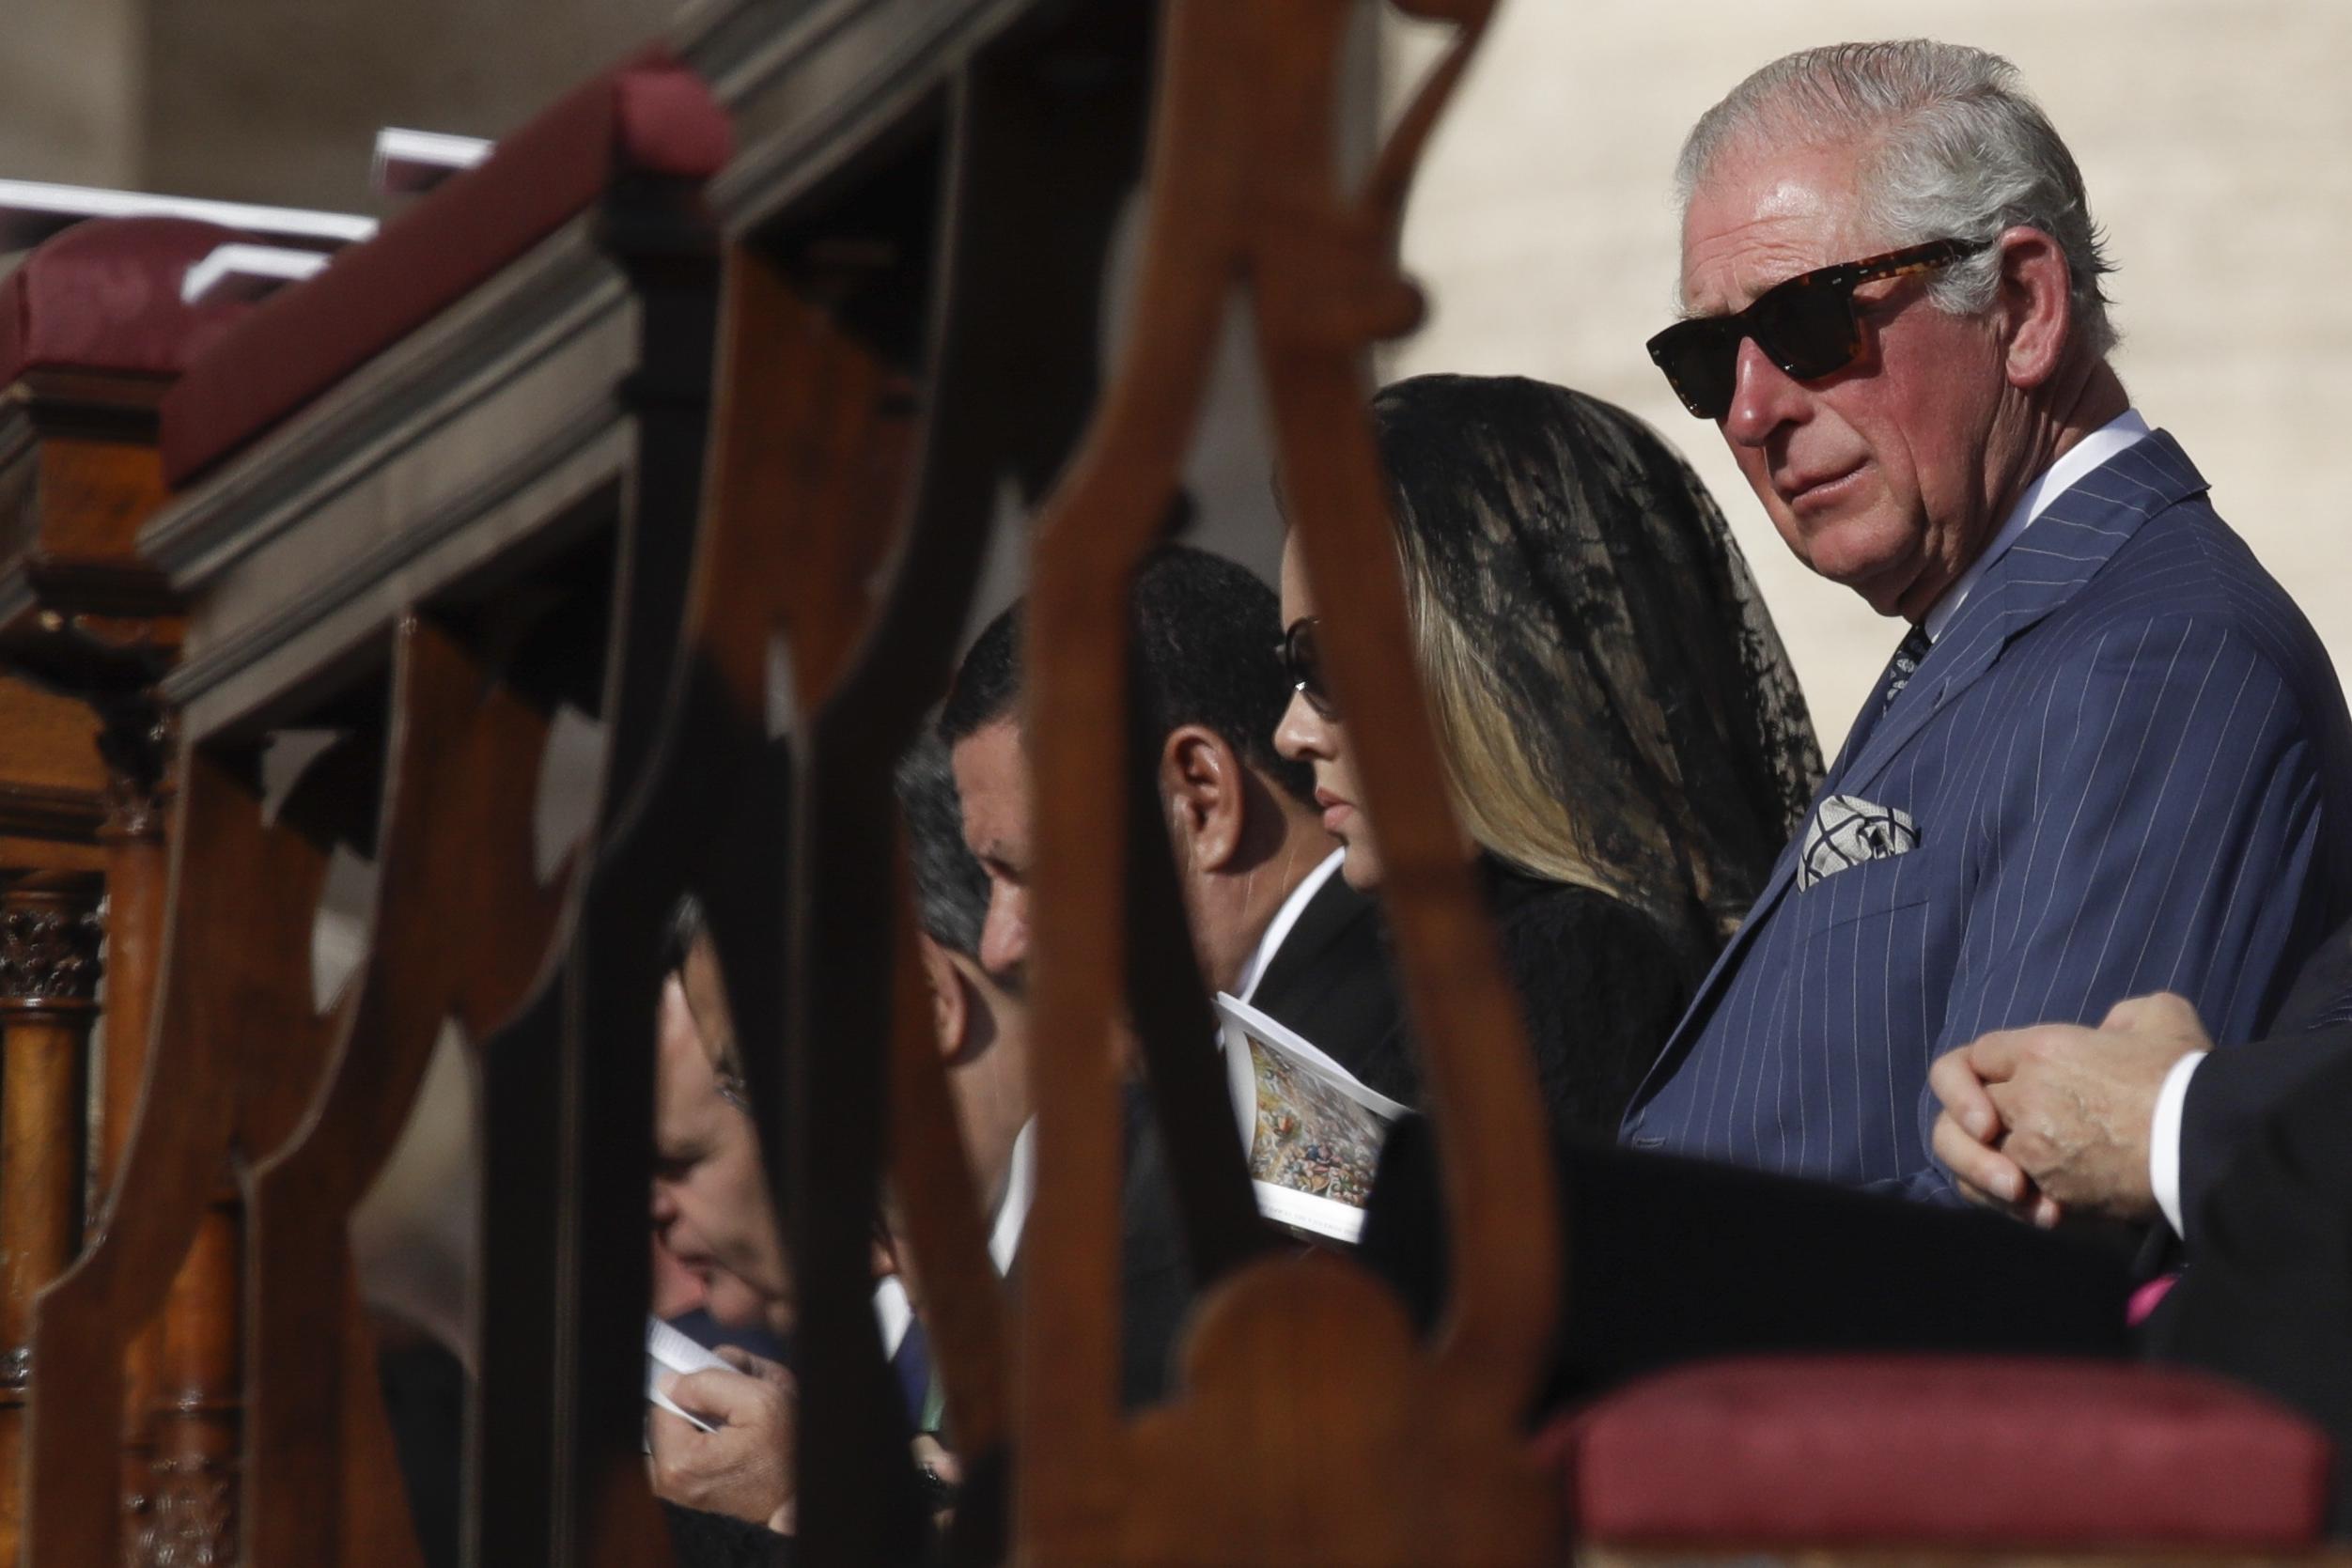 Ποιο μέλος της βασιλικής οικογένειας της Αγγλίας συνεργάζεται με το Net-A-Porter;